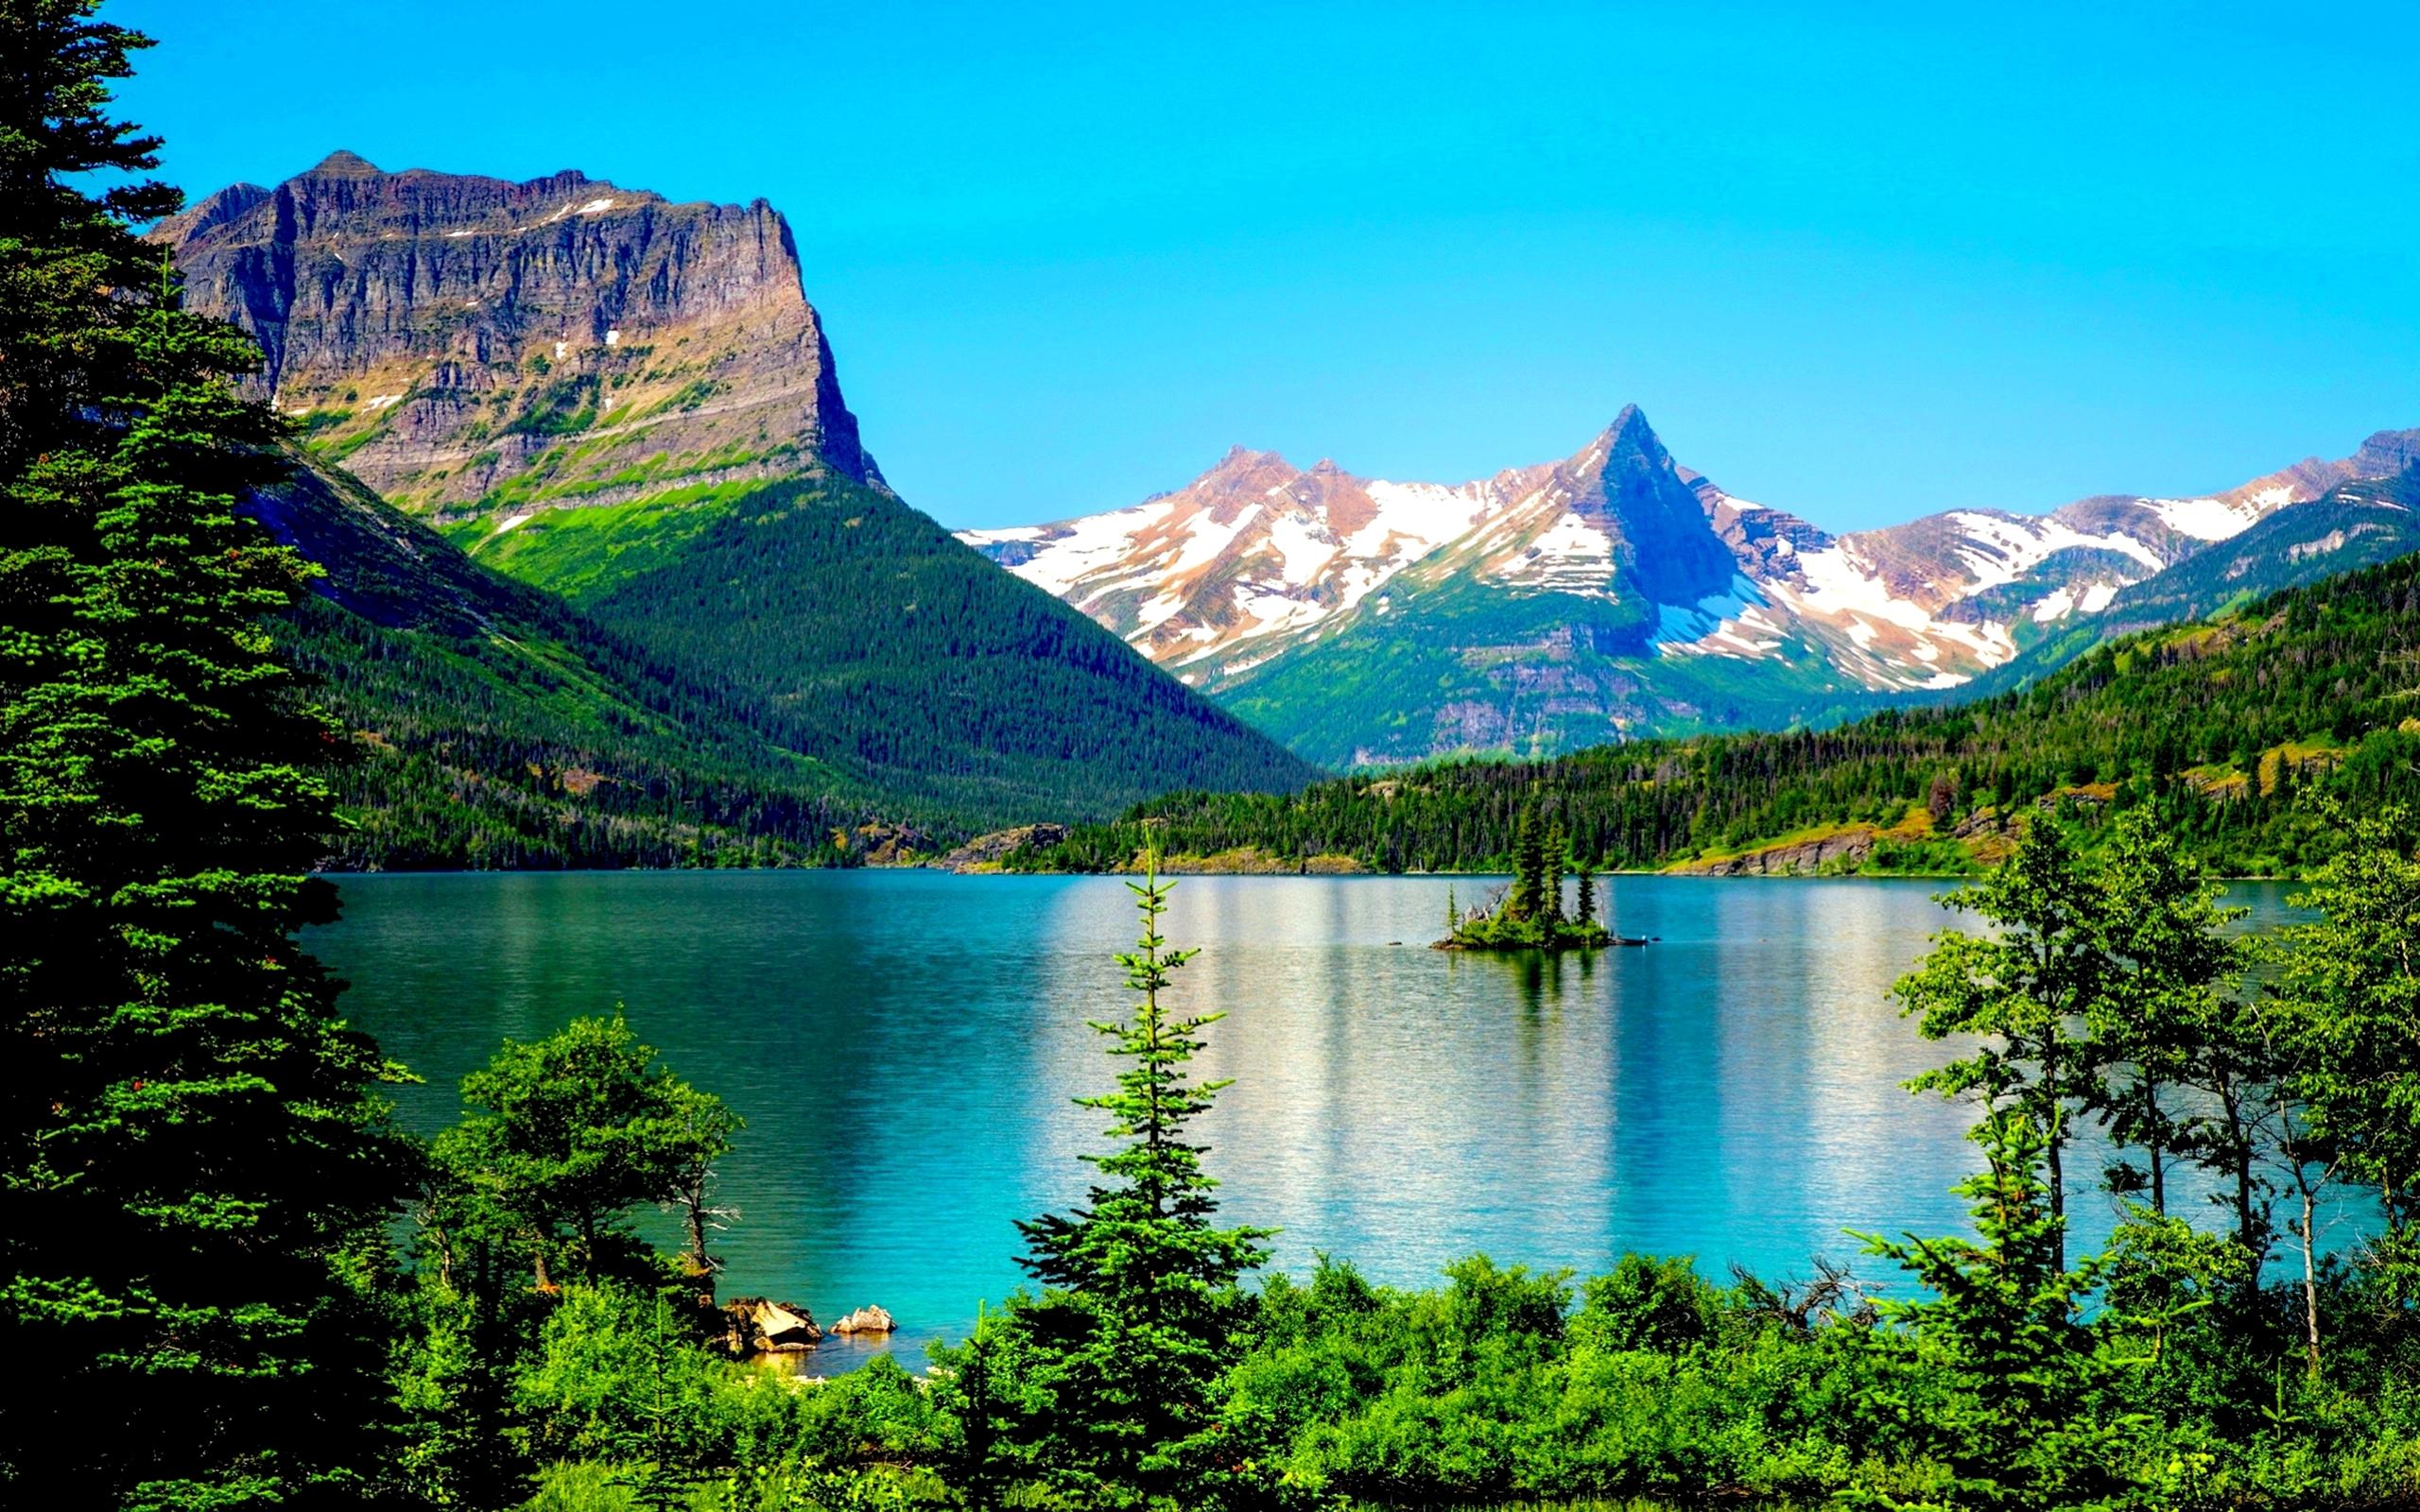 Glacier National Park Desktop Background 576217 2560x1600